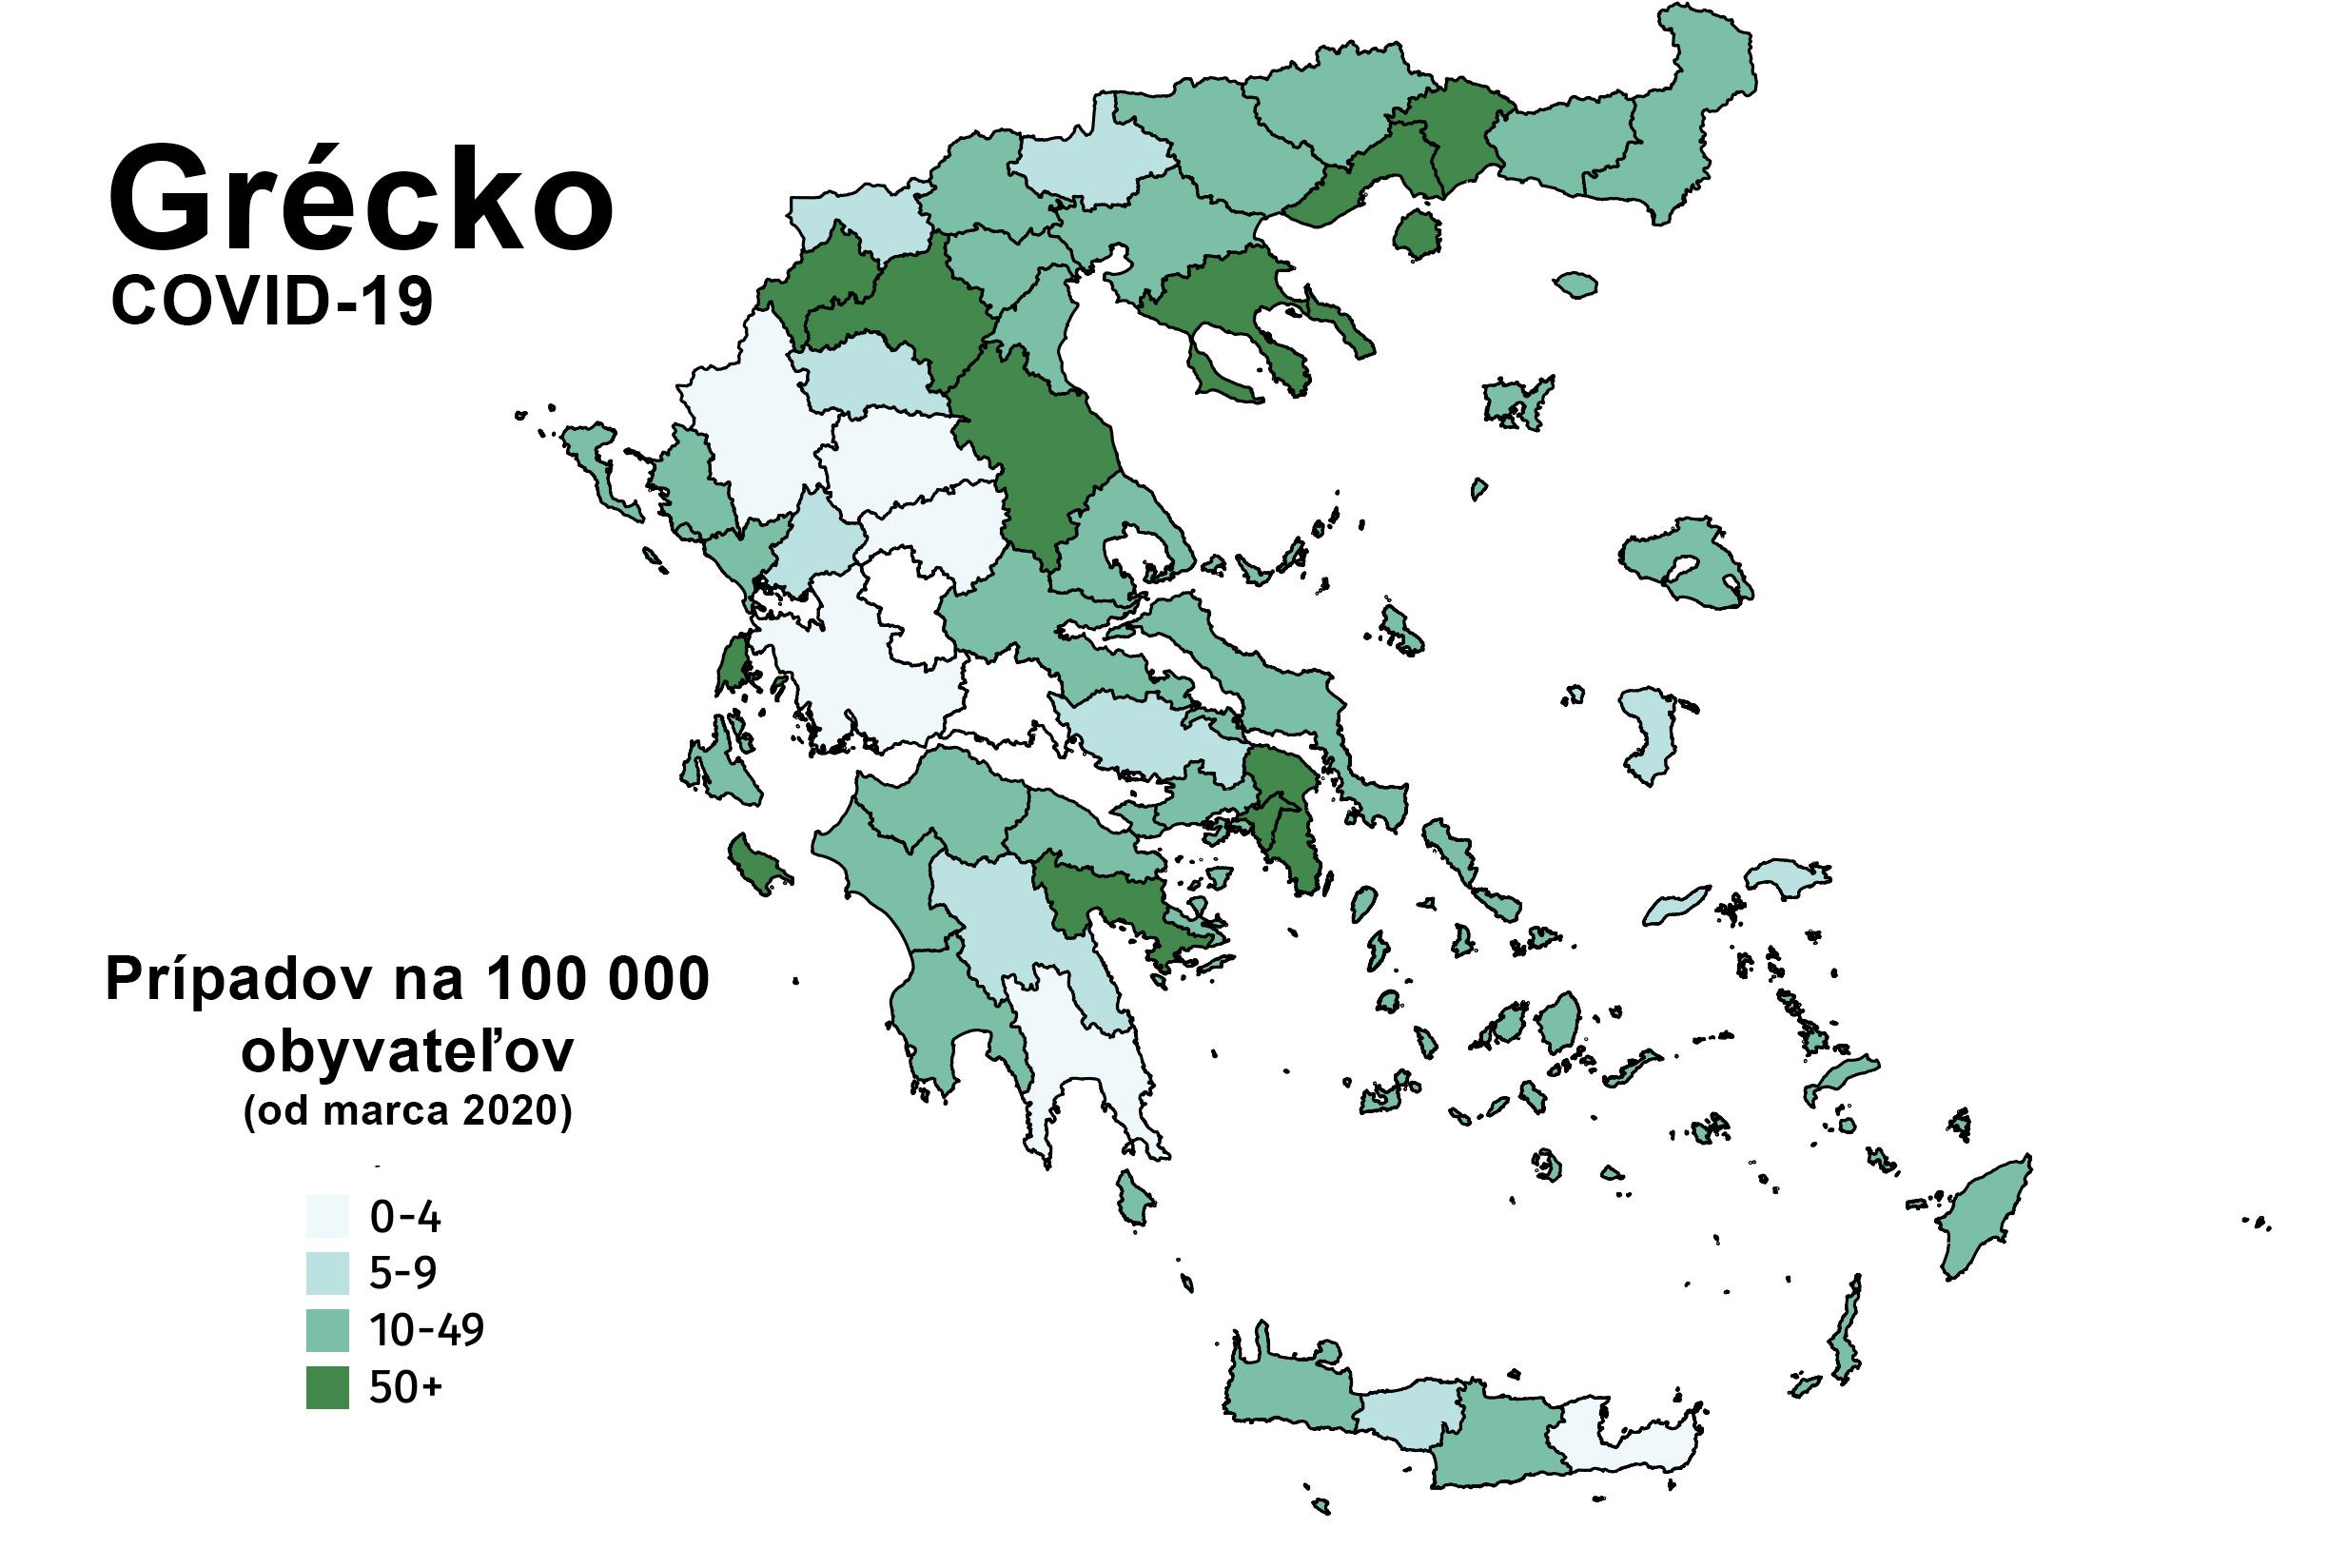 Grécko / COVID-19